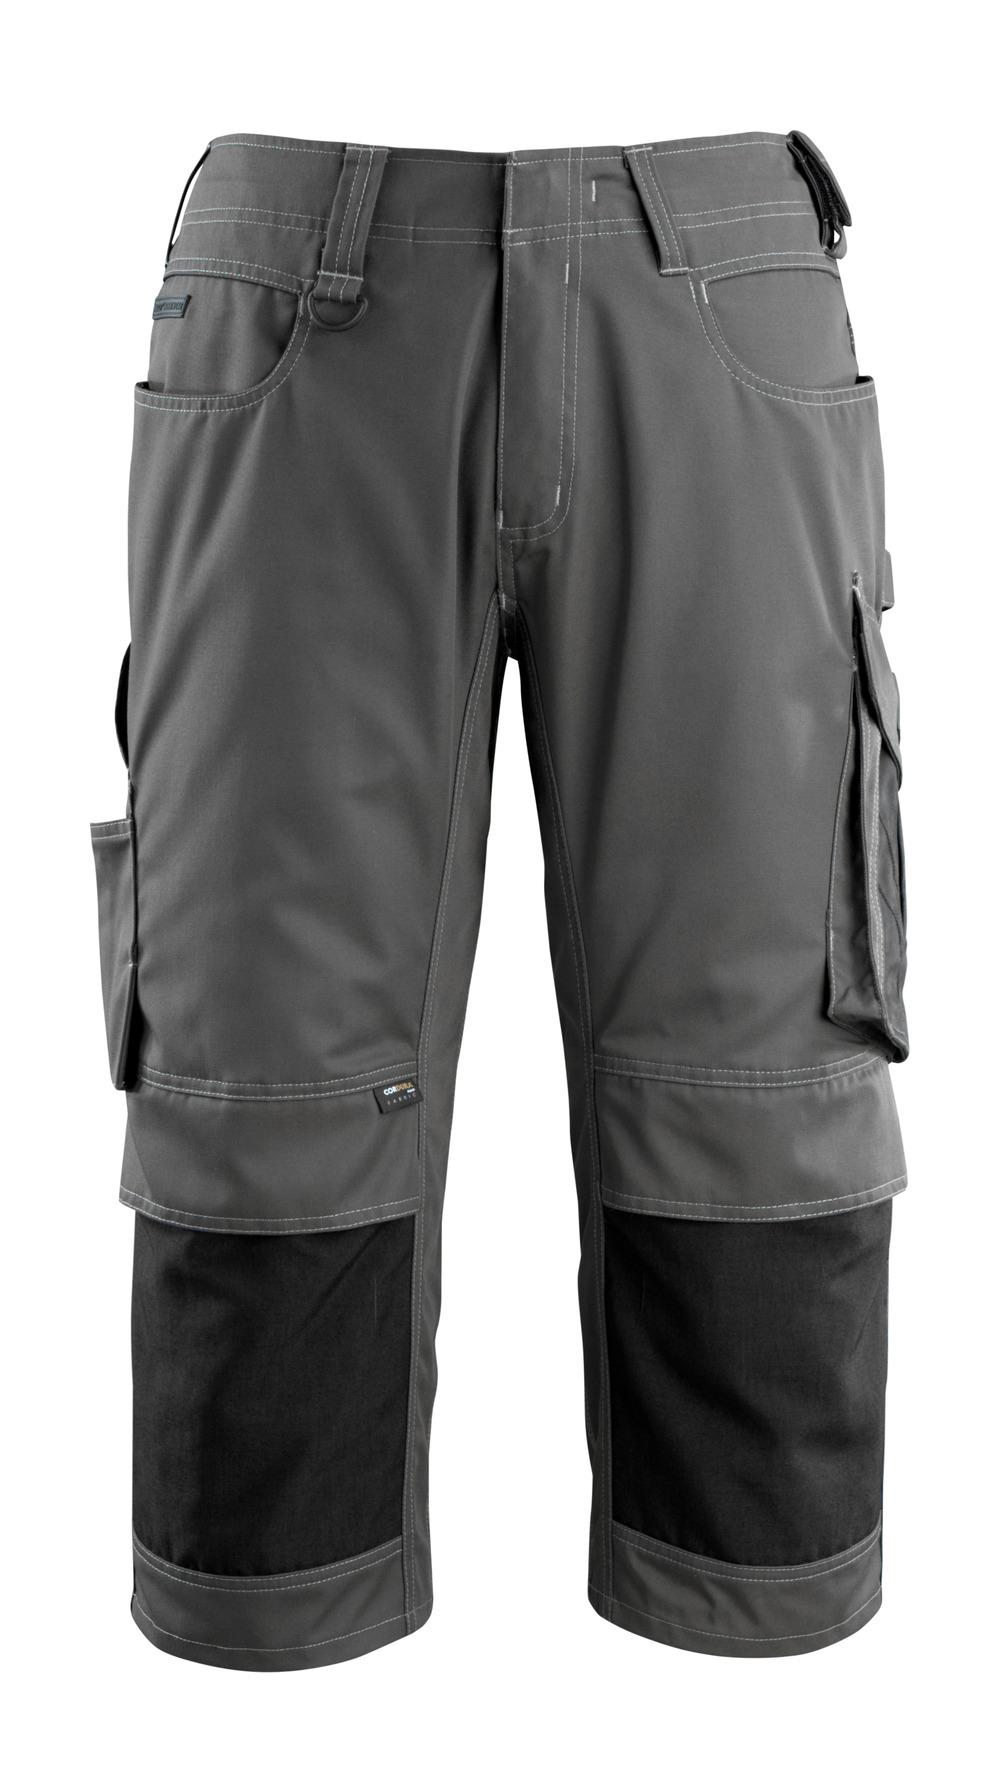 14149-442-1809 Pantalones con longitud de ¾ con bolsillos para rodilleras - antracita oscuro/negro